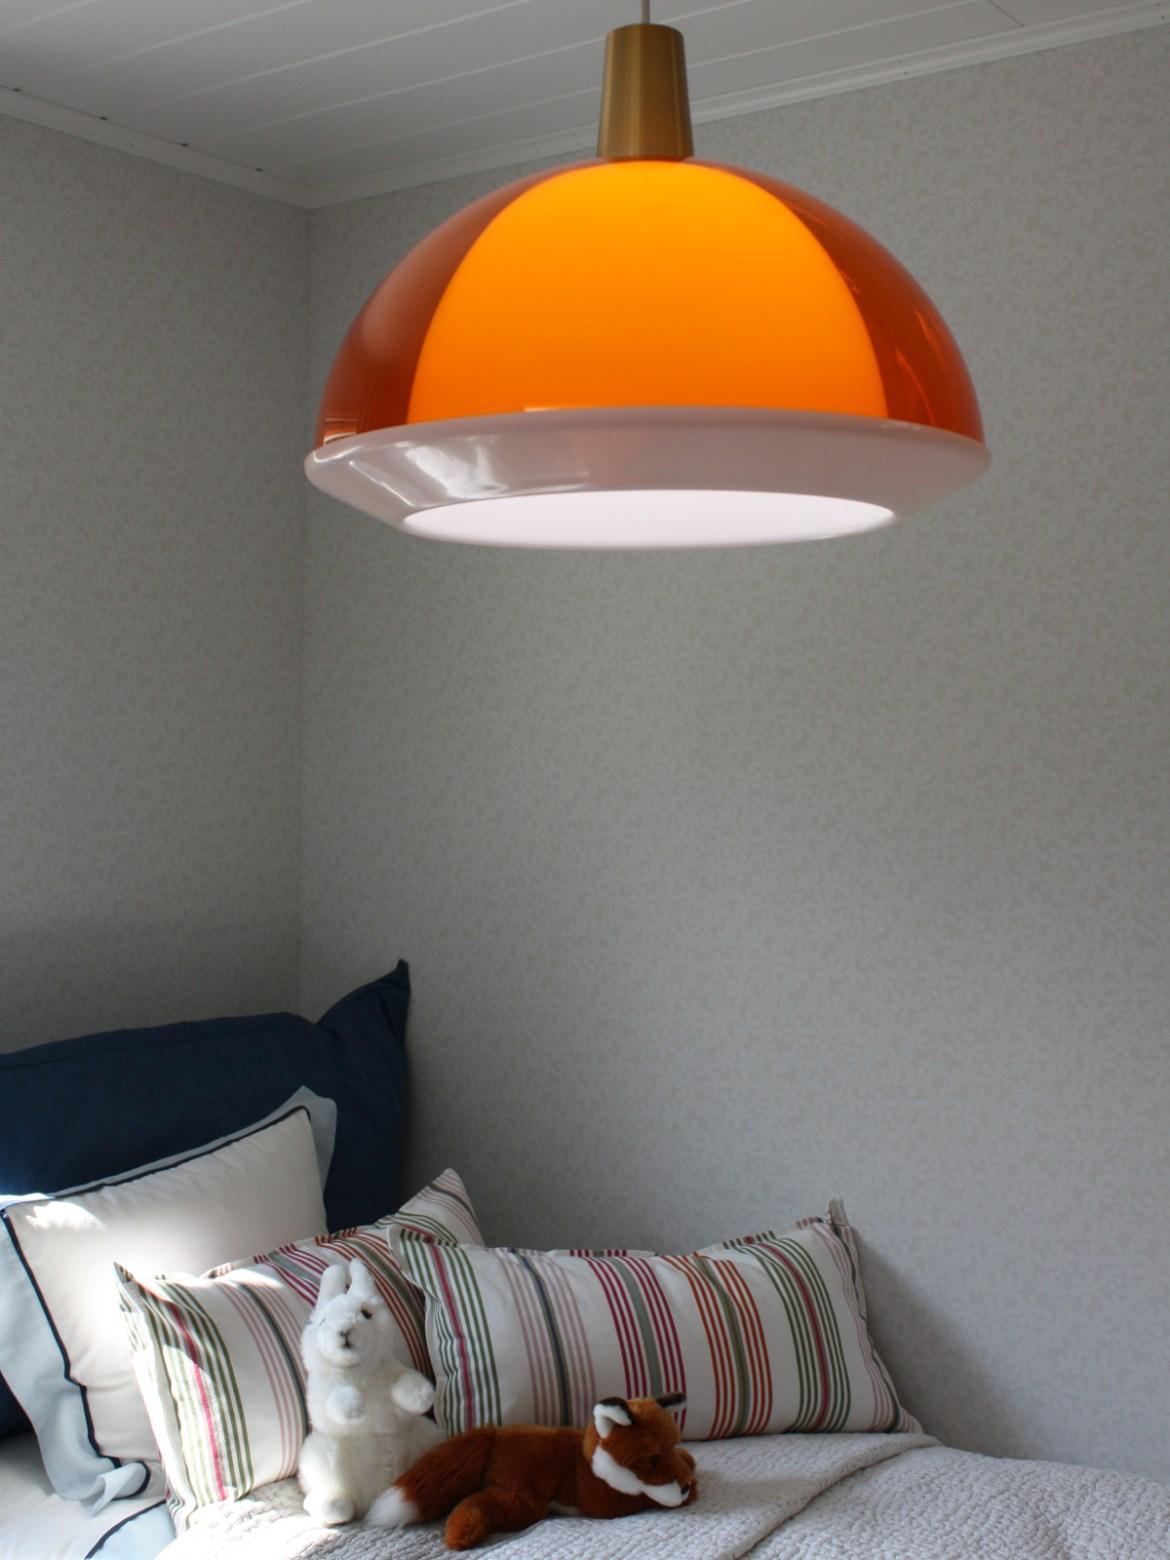 DesignOrt Blog: farbenfrohe Leuchten Kuplat Pendelleuchte Innolux finnisches Design